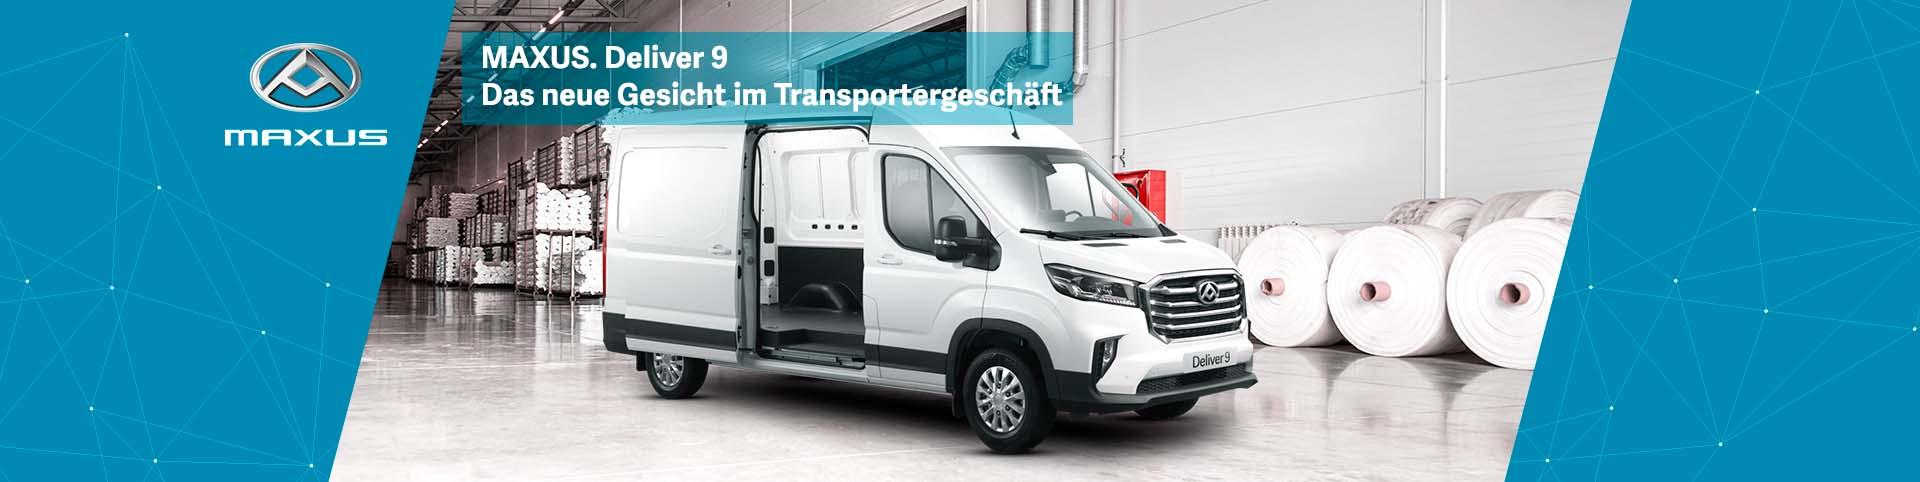 Maxus Deliver 9 günstig bei Preckel Autozentrum